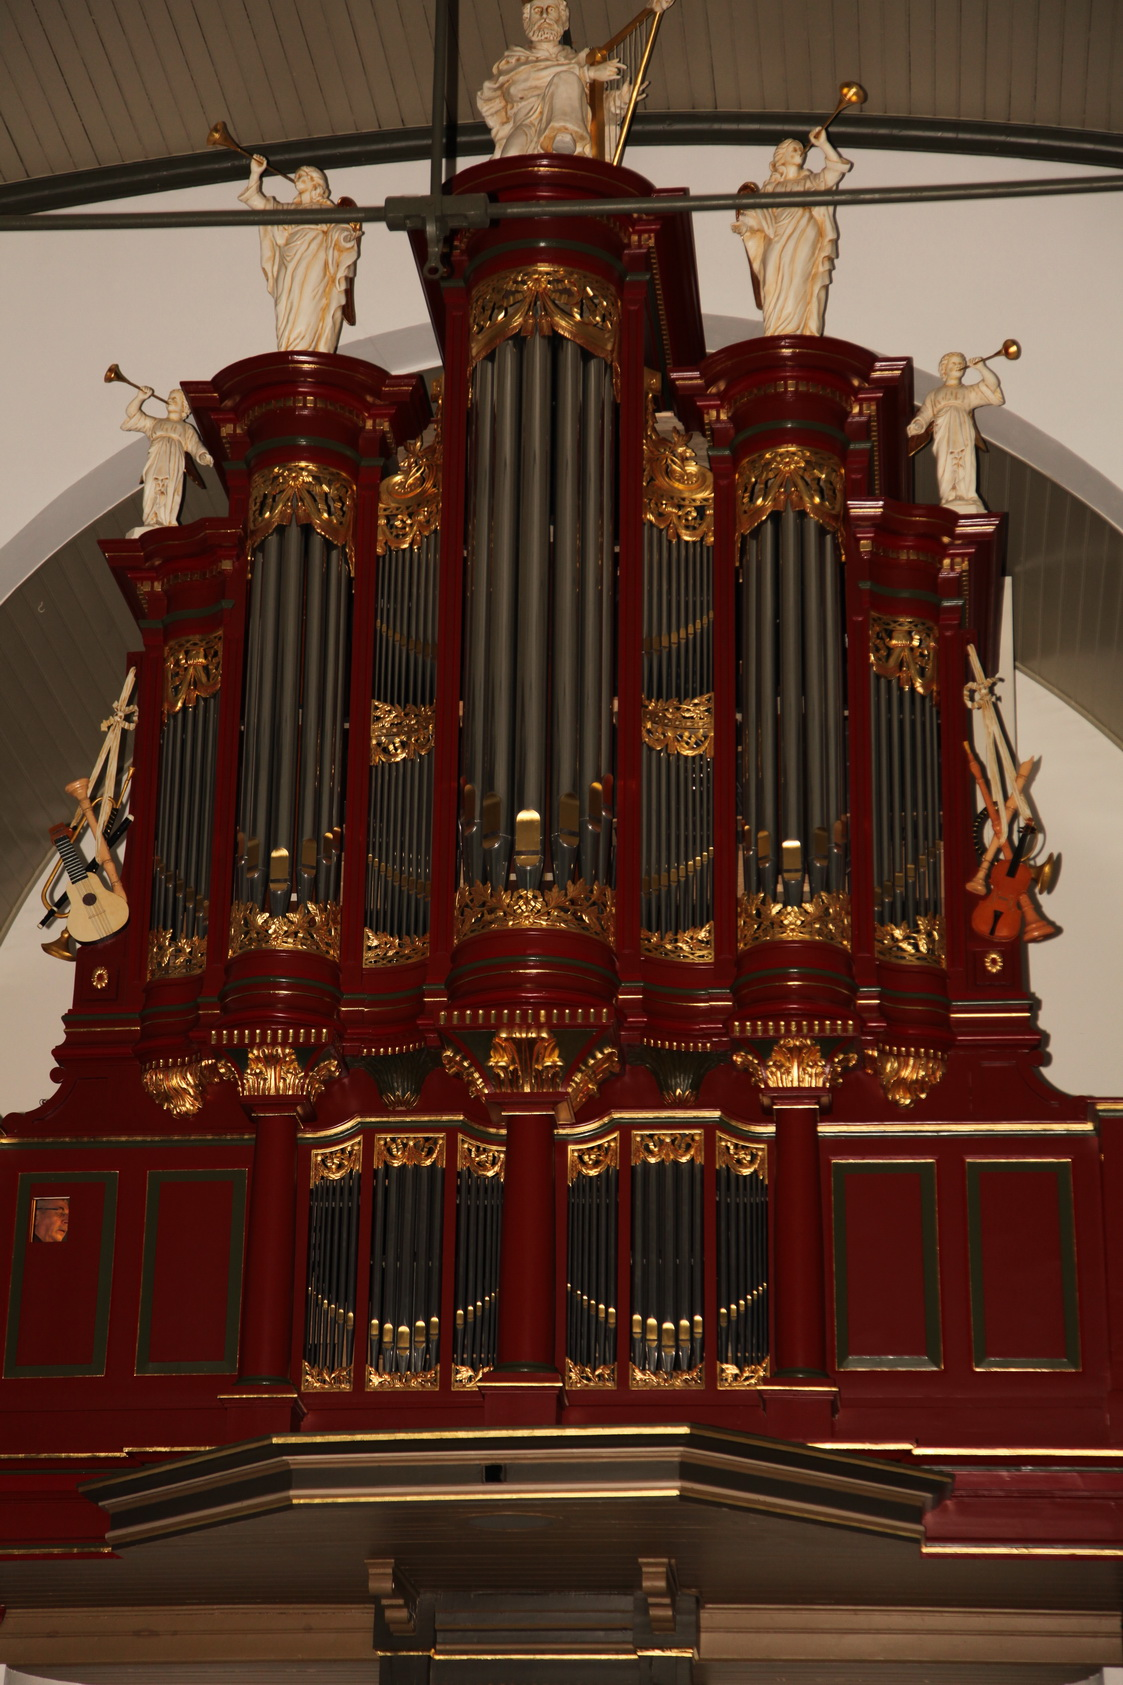 Origineel pijpwerk van Abraham Meere, dat aanwezig was in het Pels-orgel in de parochiekerk Sint Johannes de Doper te Montfoort, is verwerkt in het orgel tijdens de laatste restauratie door Reil.